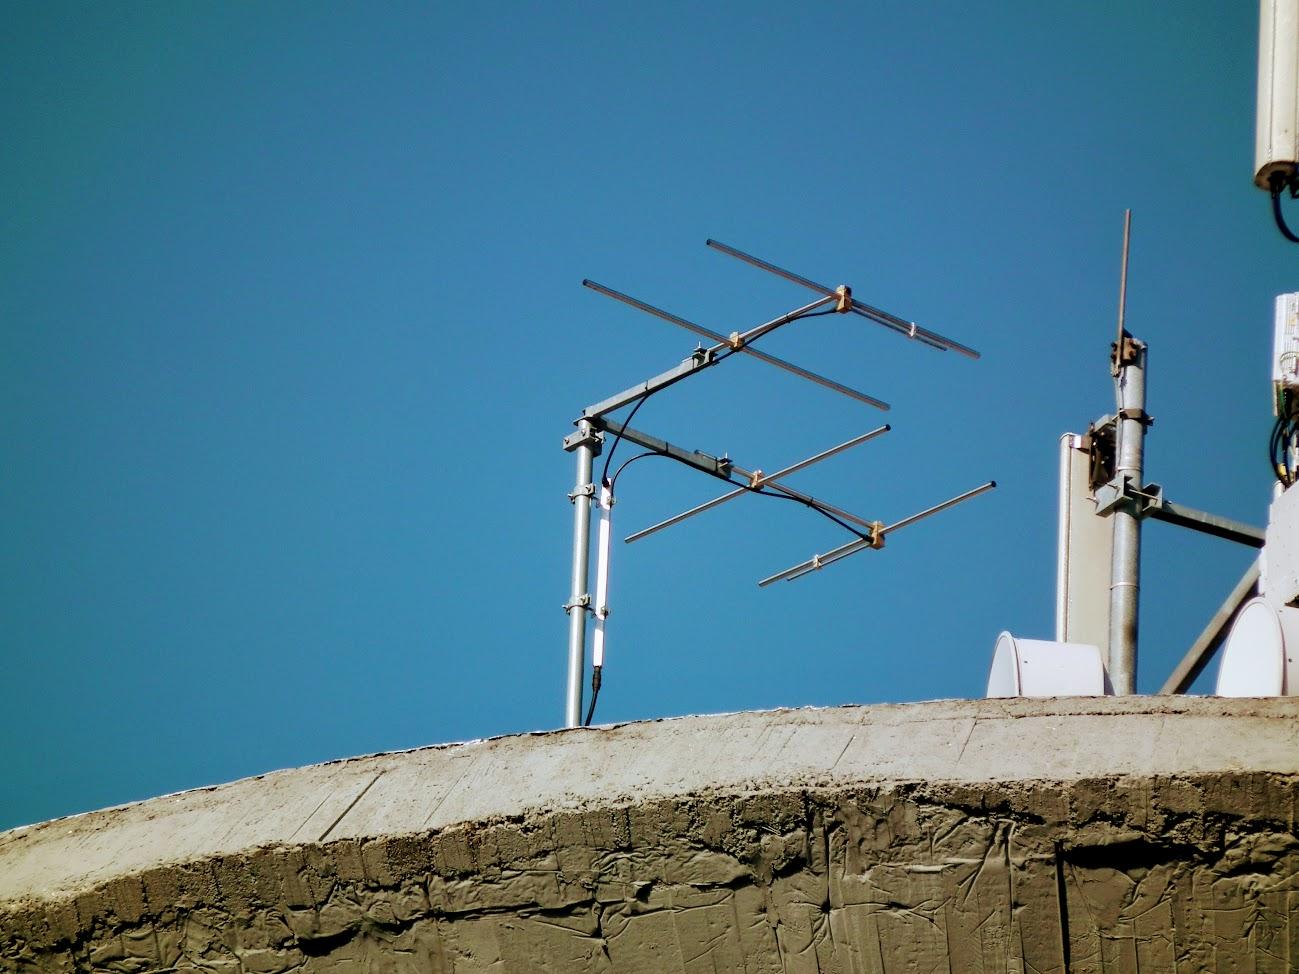 Körmend/víztorony - helyi URH-FM adóállomás